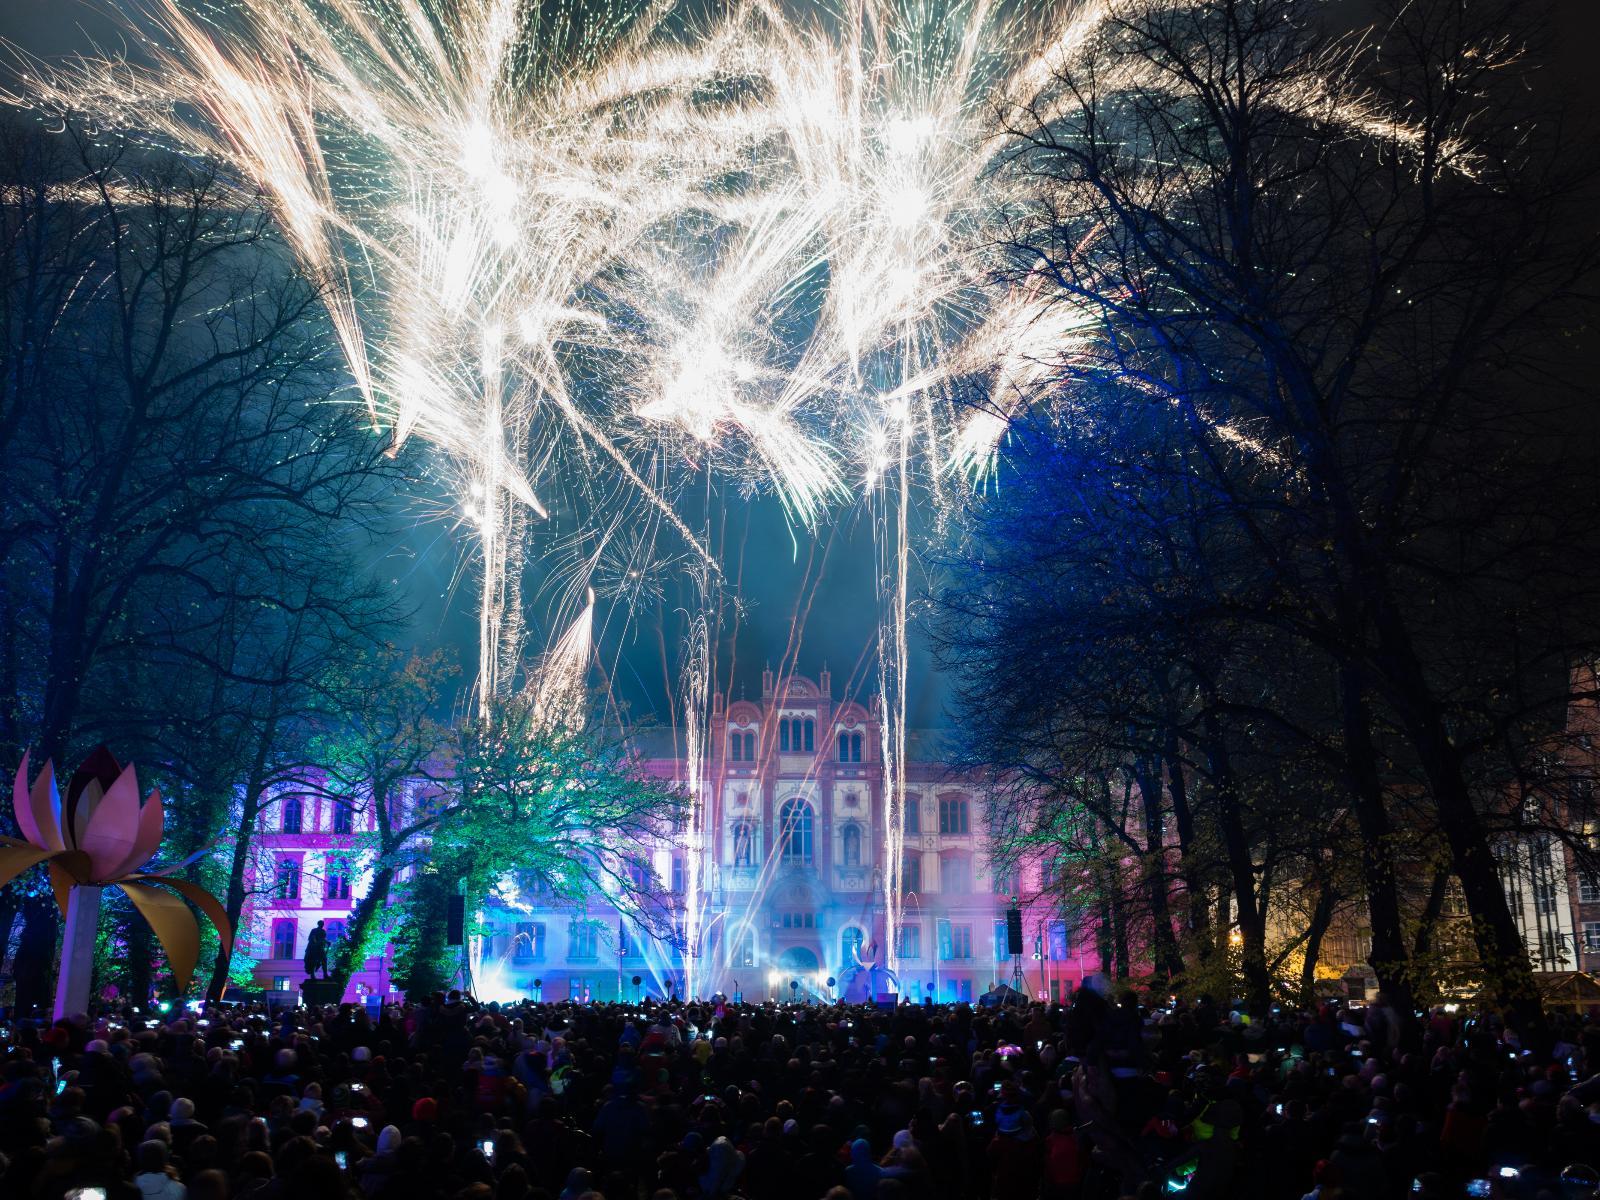 Beeindruckende Augenblicke beim großen Feuerwerk